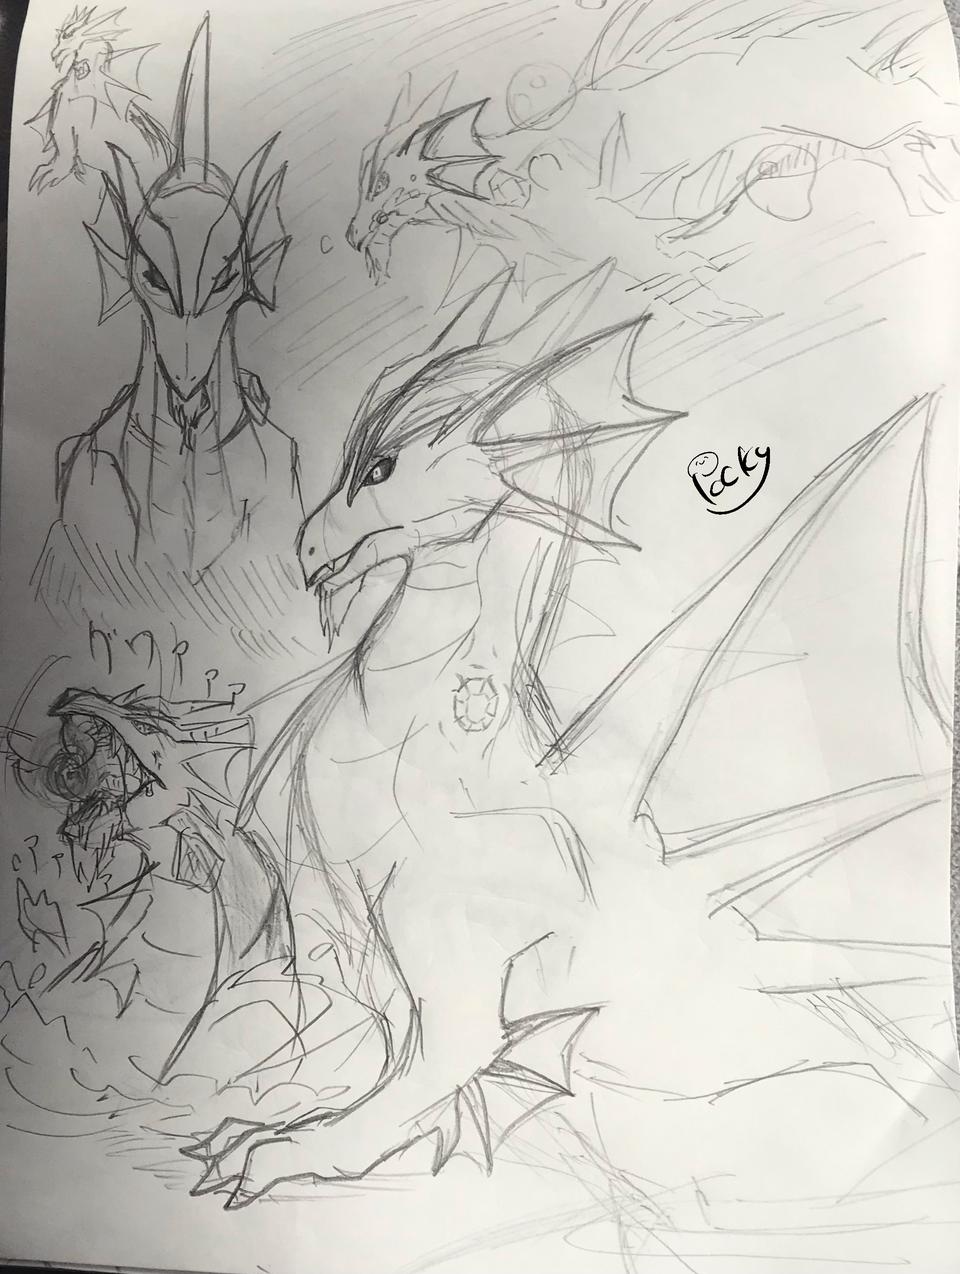 ドラゴン Illust of ぽっきー medibangpaint